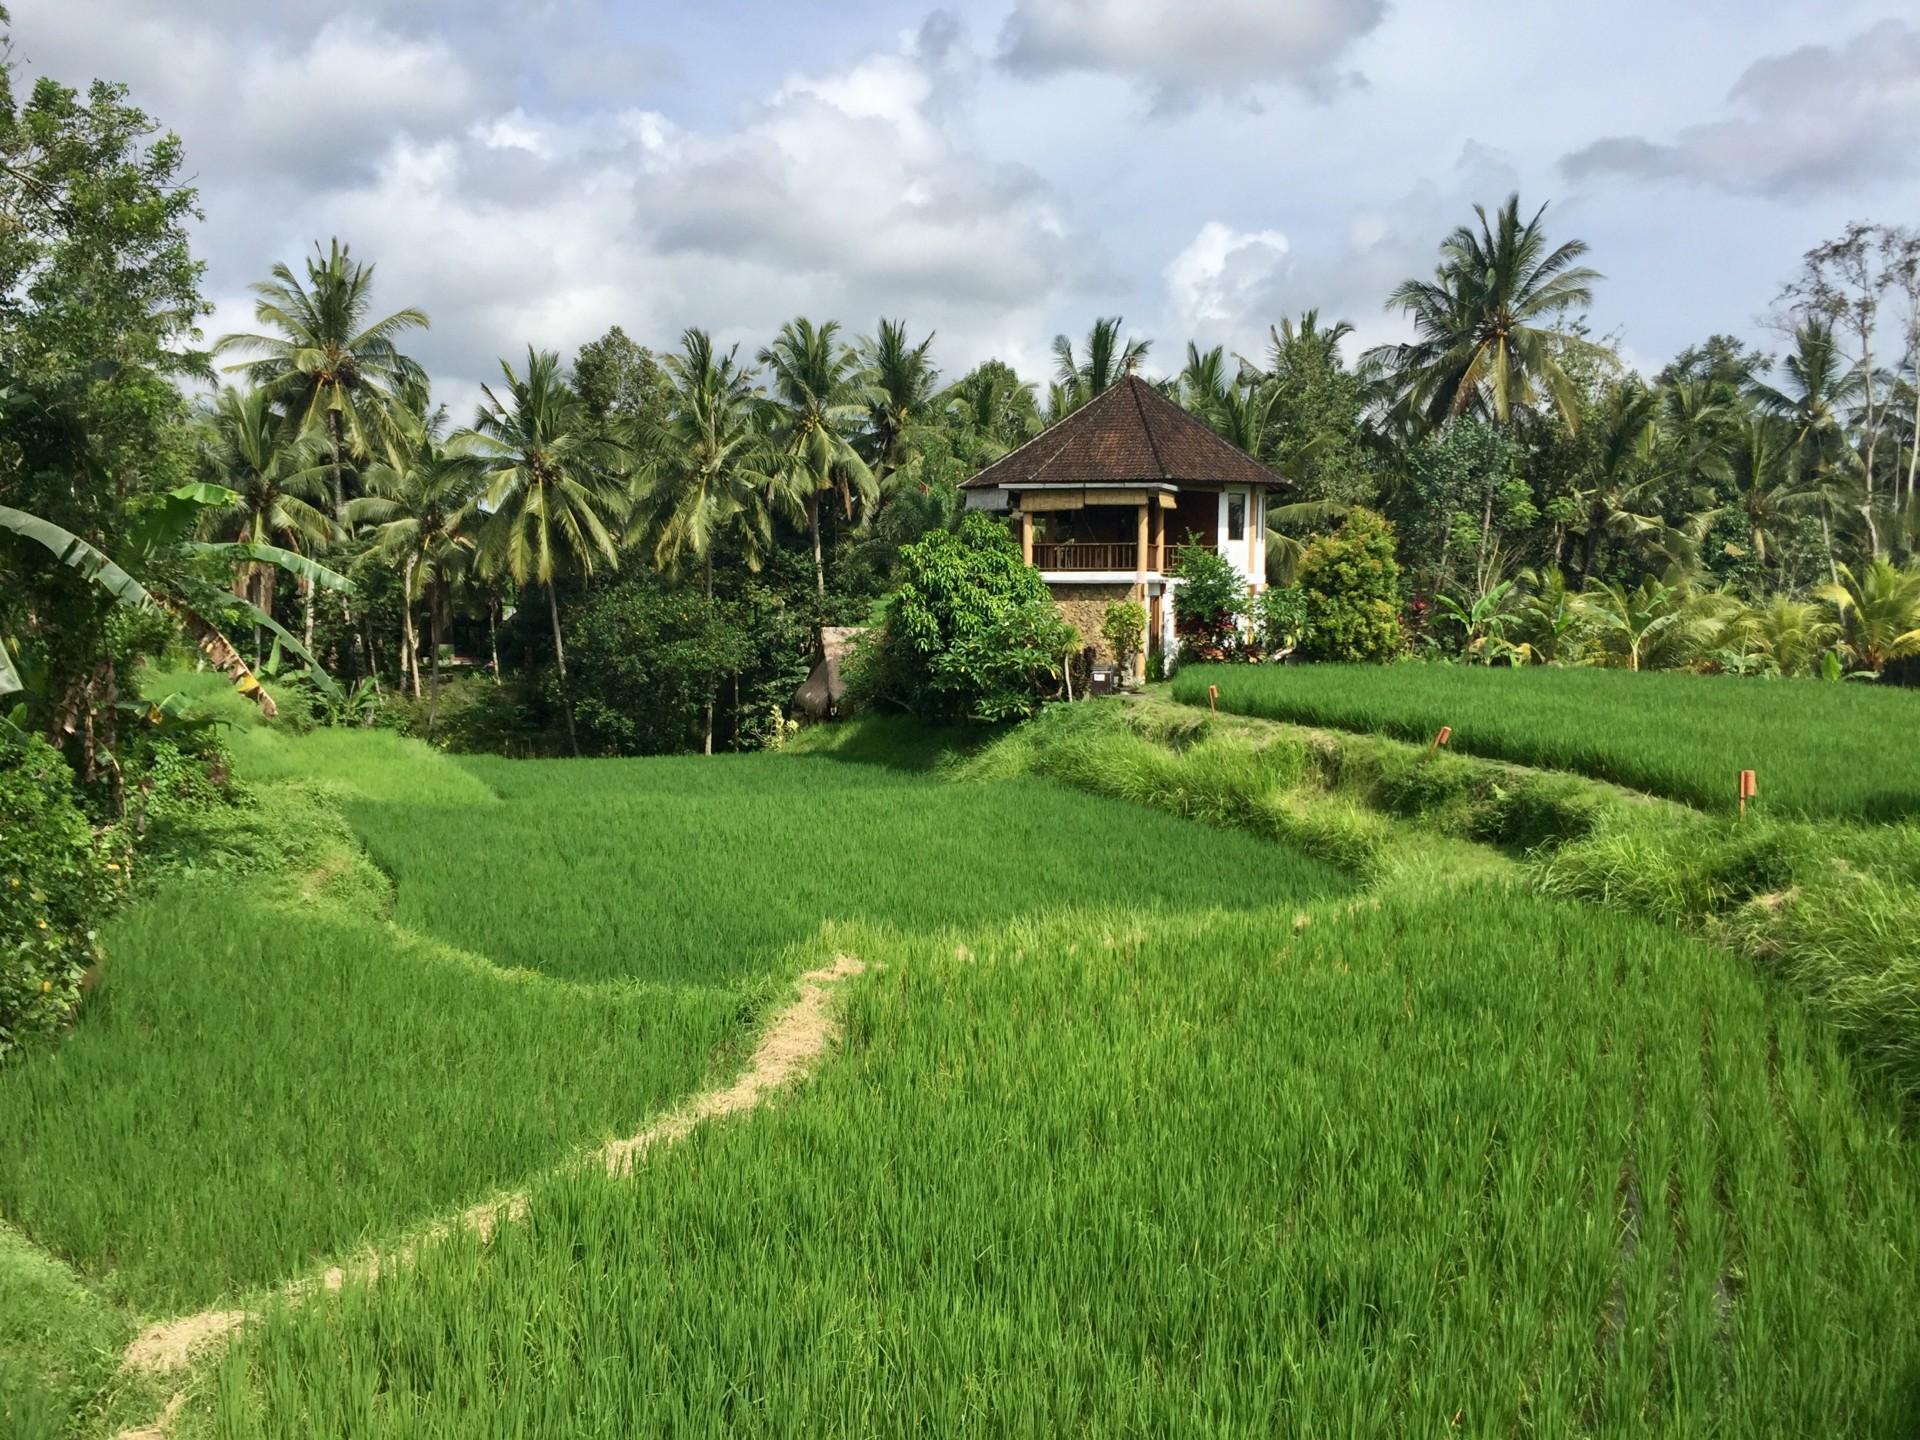 Bali Yoga Ubud House